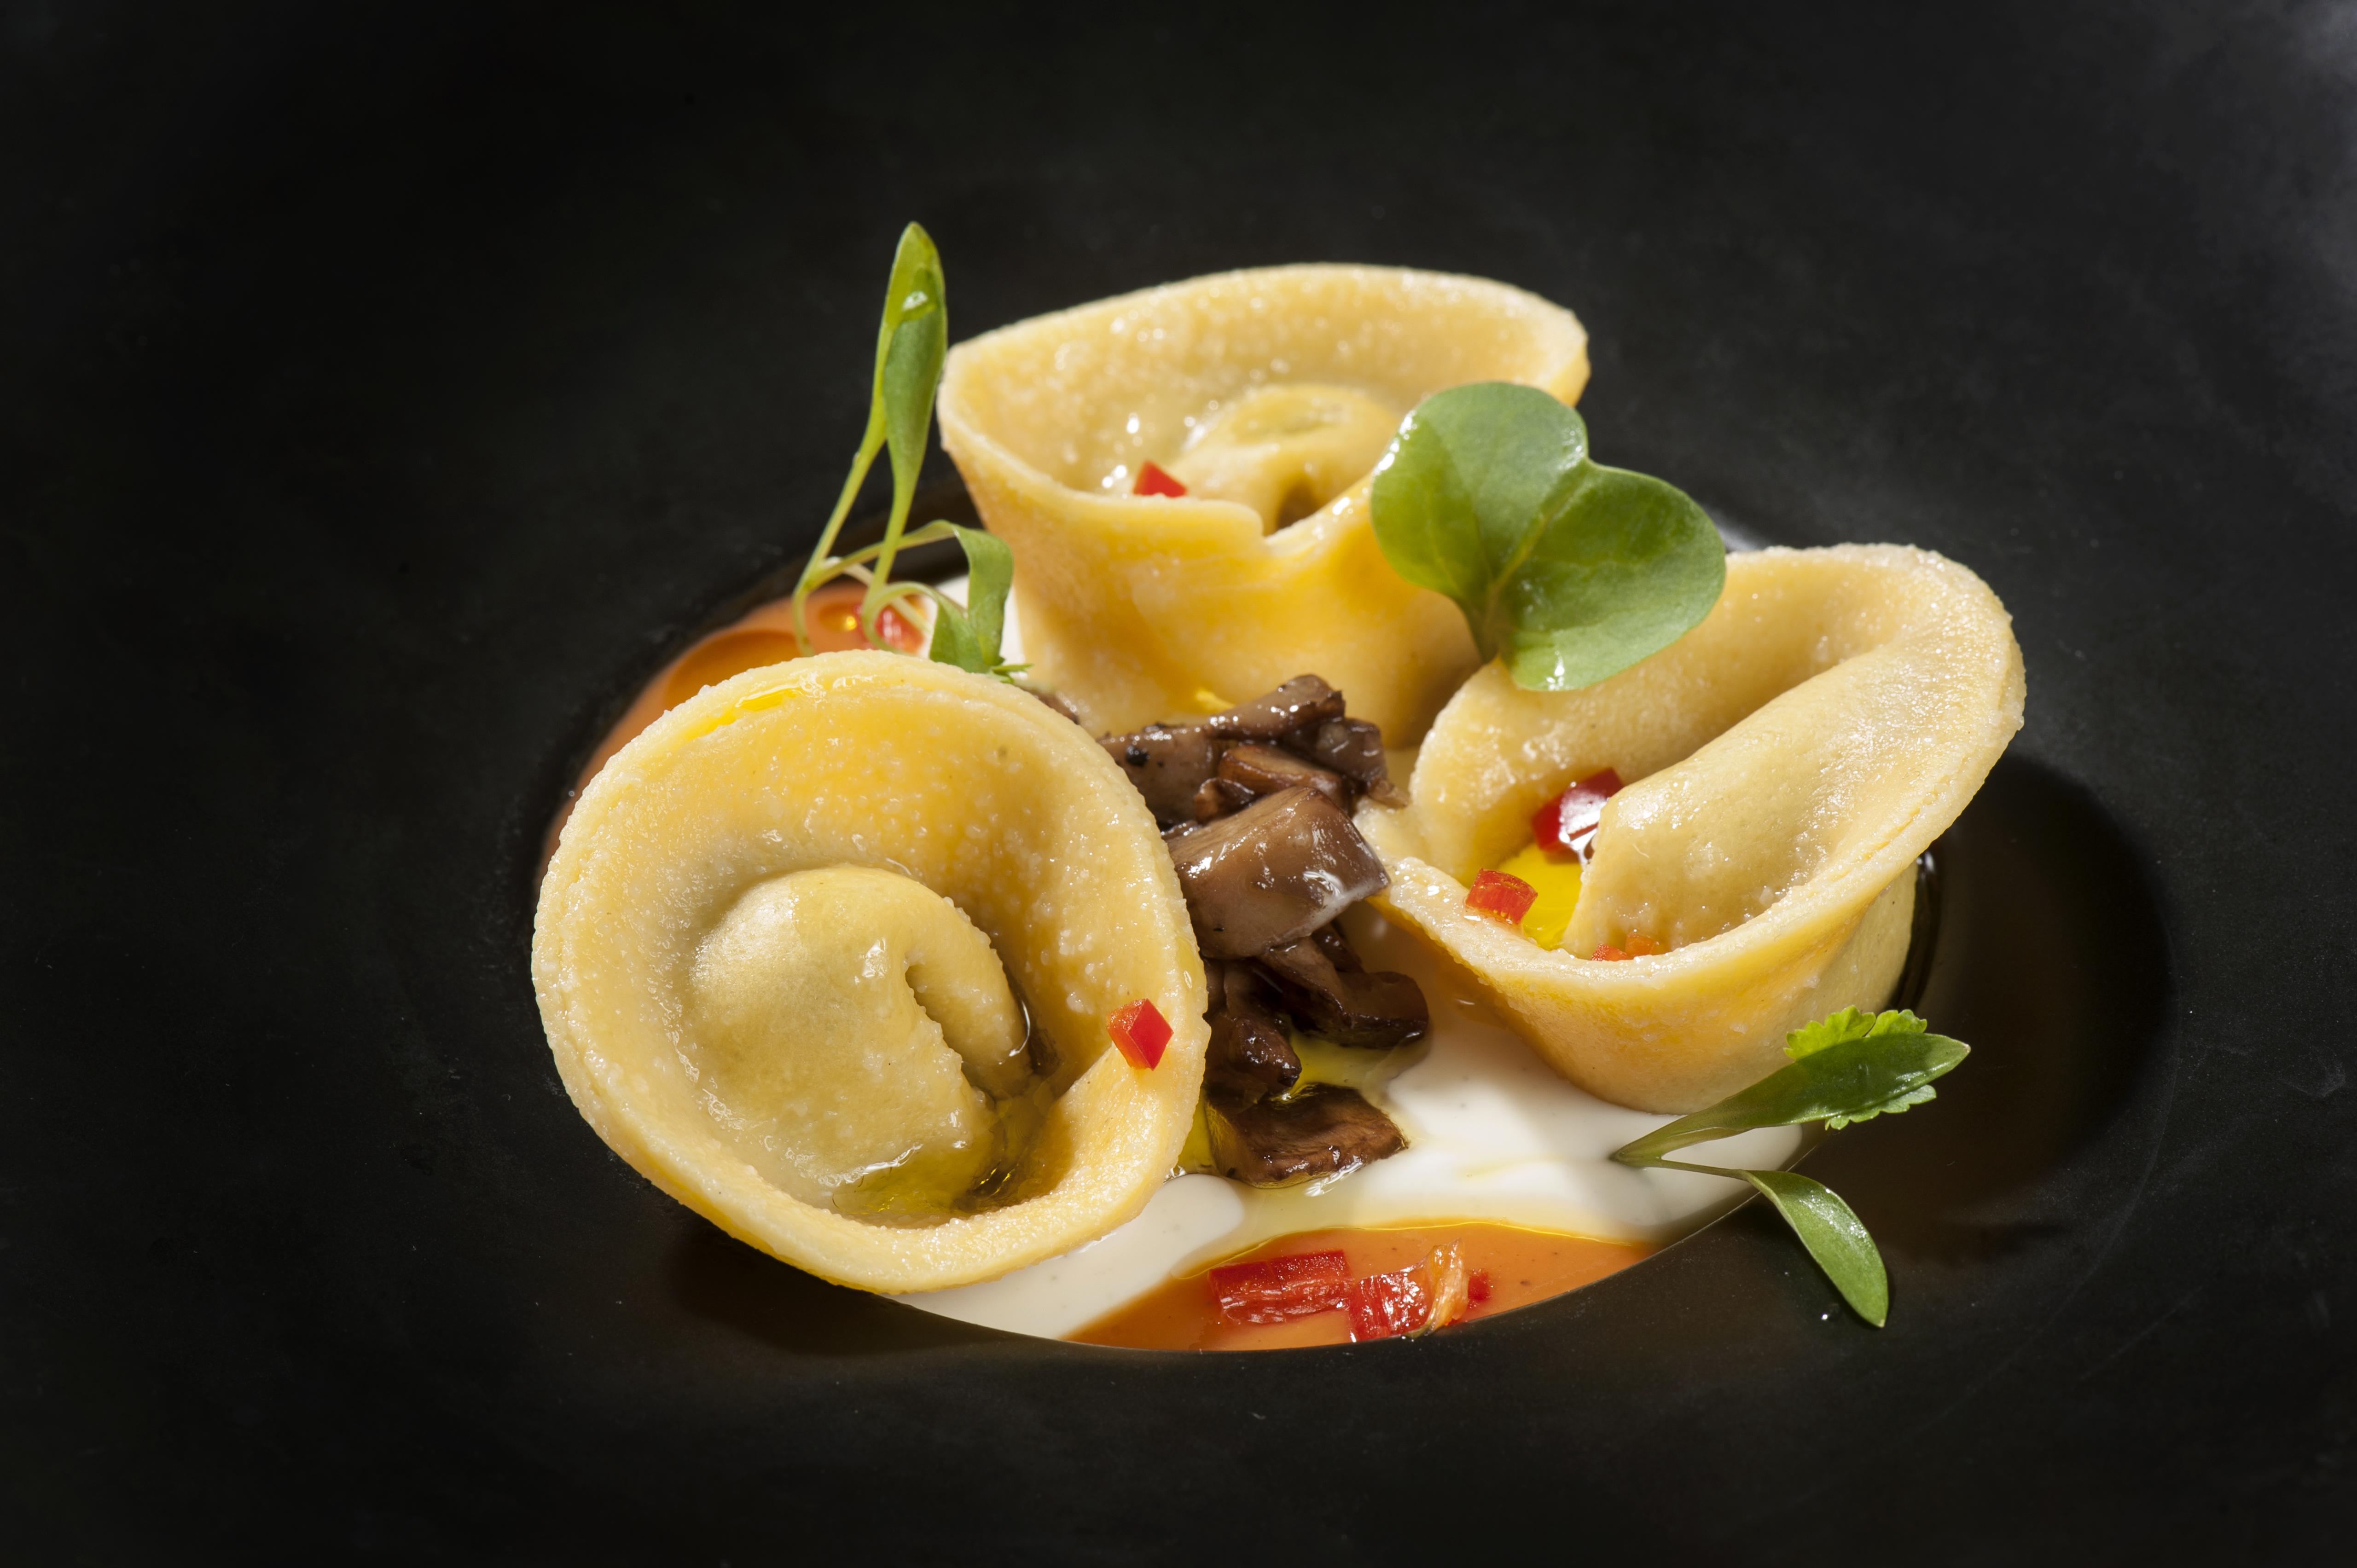 טורטליני כמהין במסעדת קוואטרו (צילום: איליה מלניקוב)